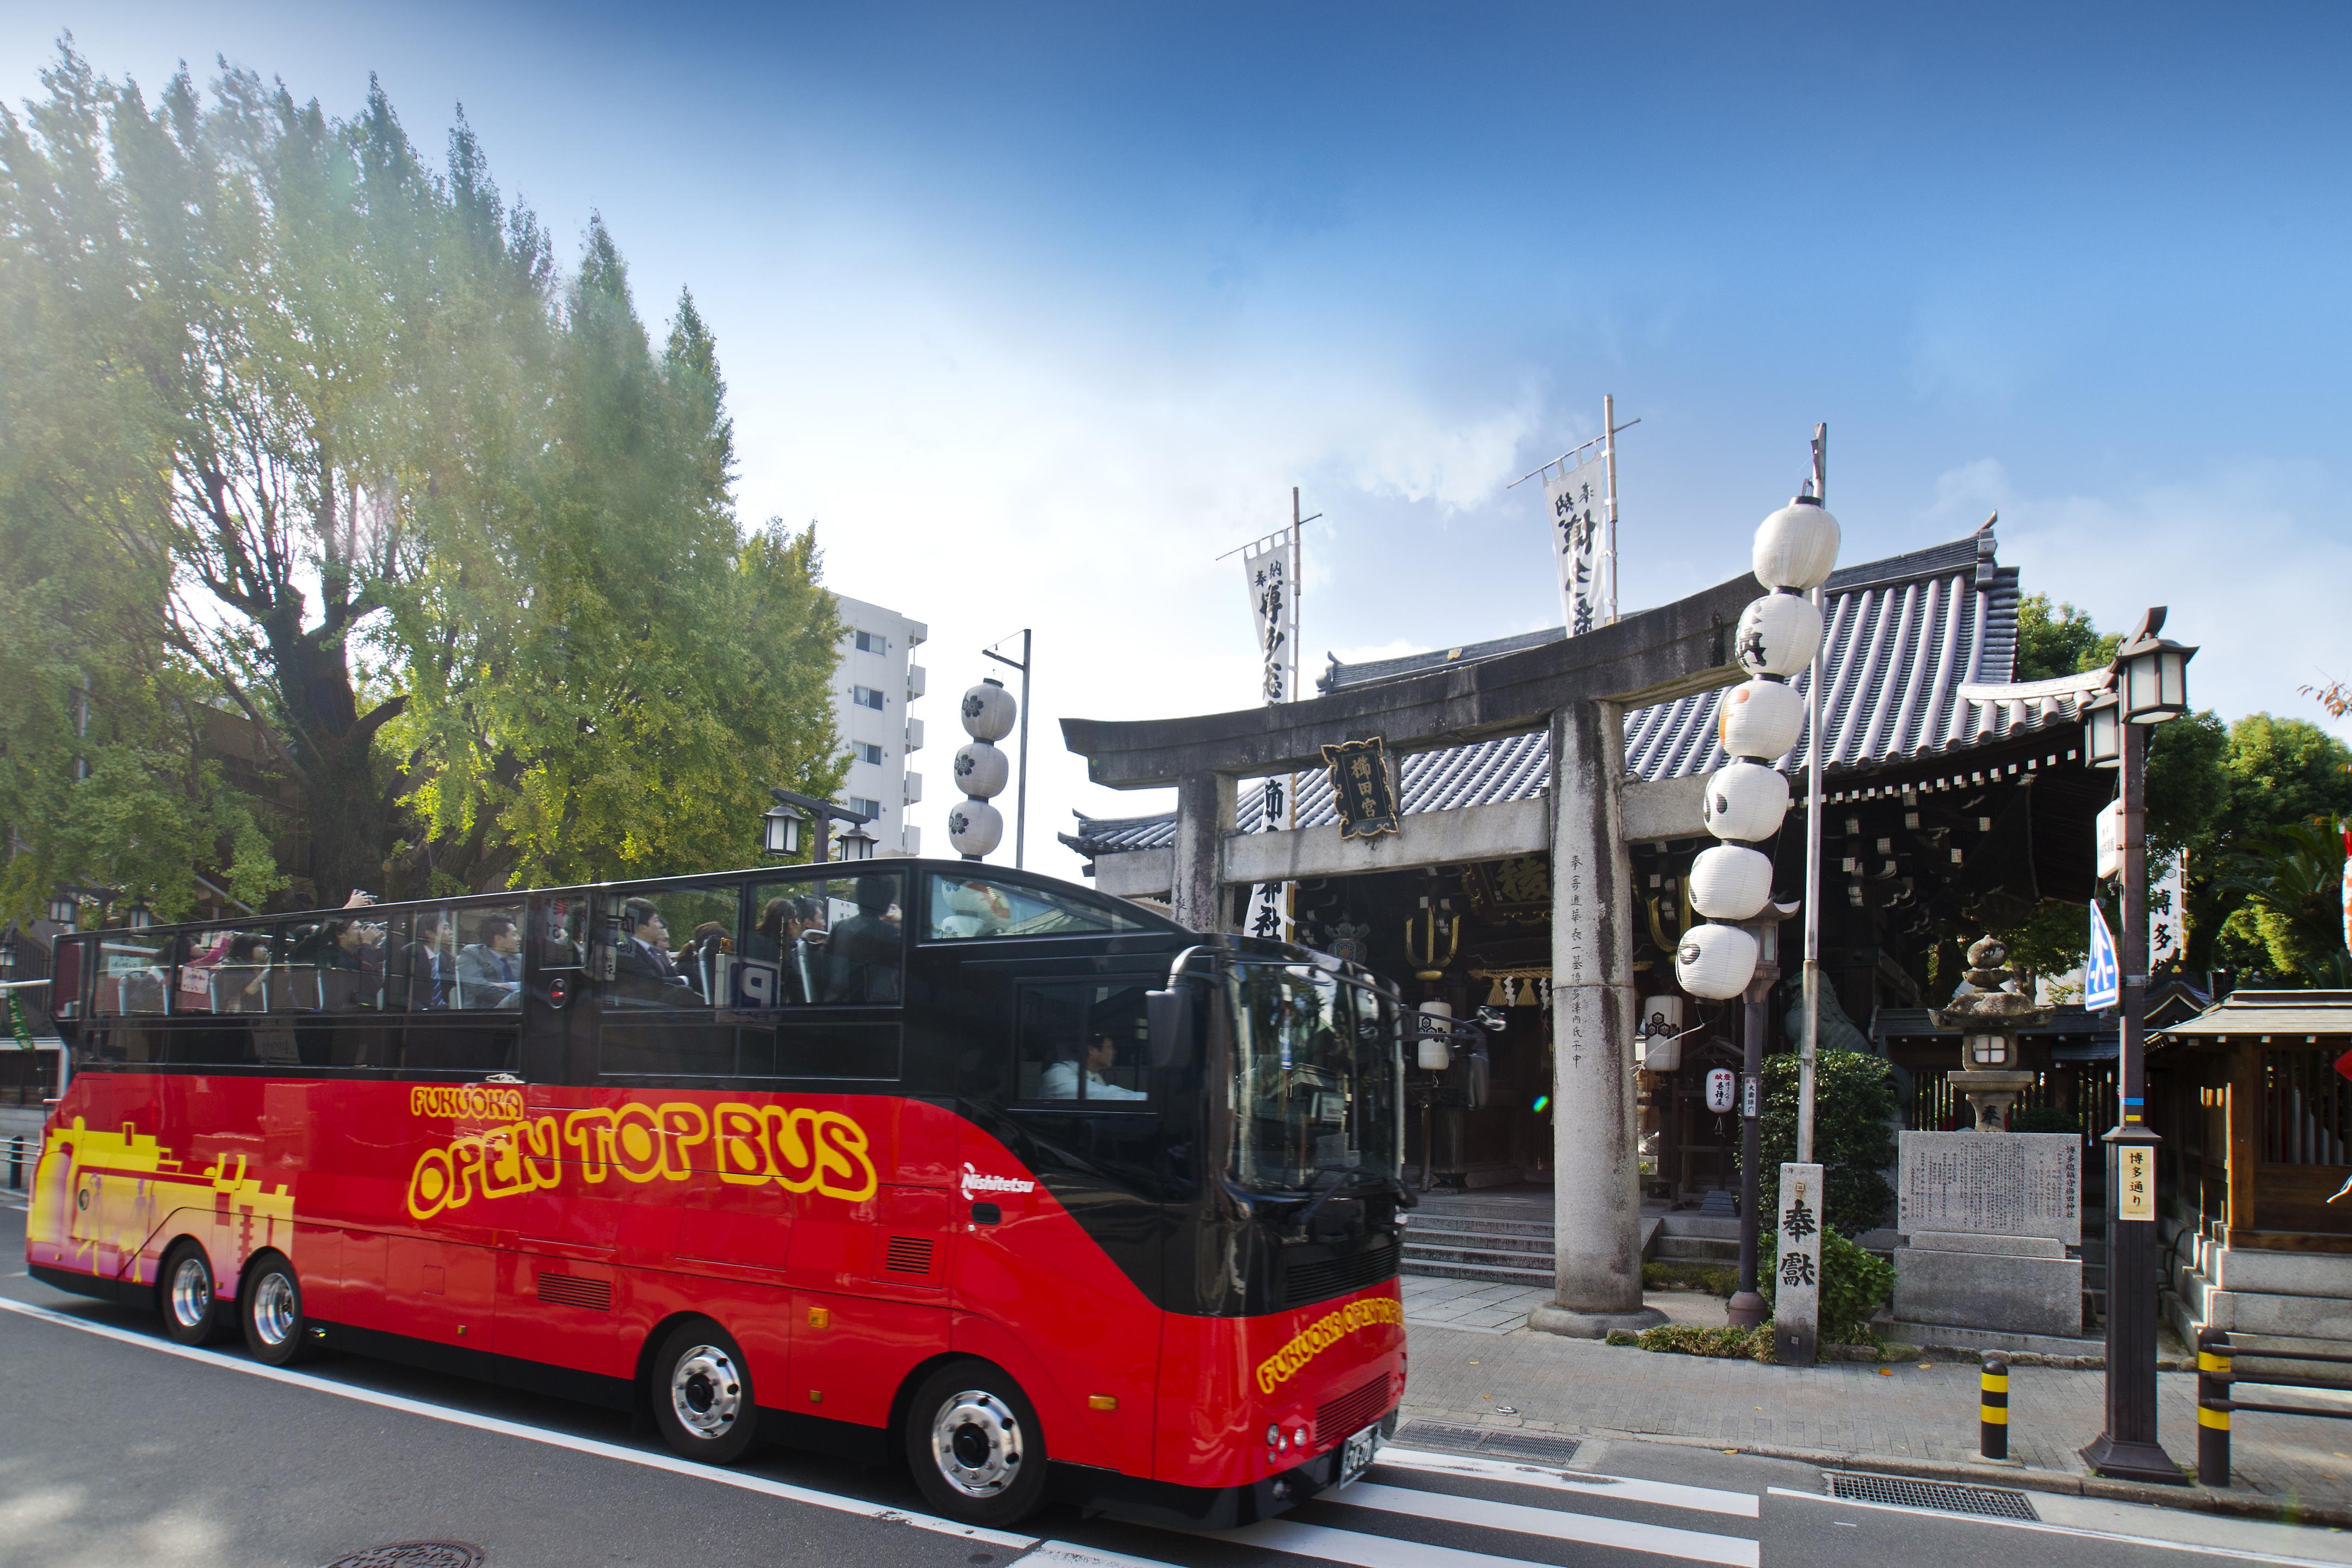 オープントップバス(2012)の画像